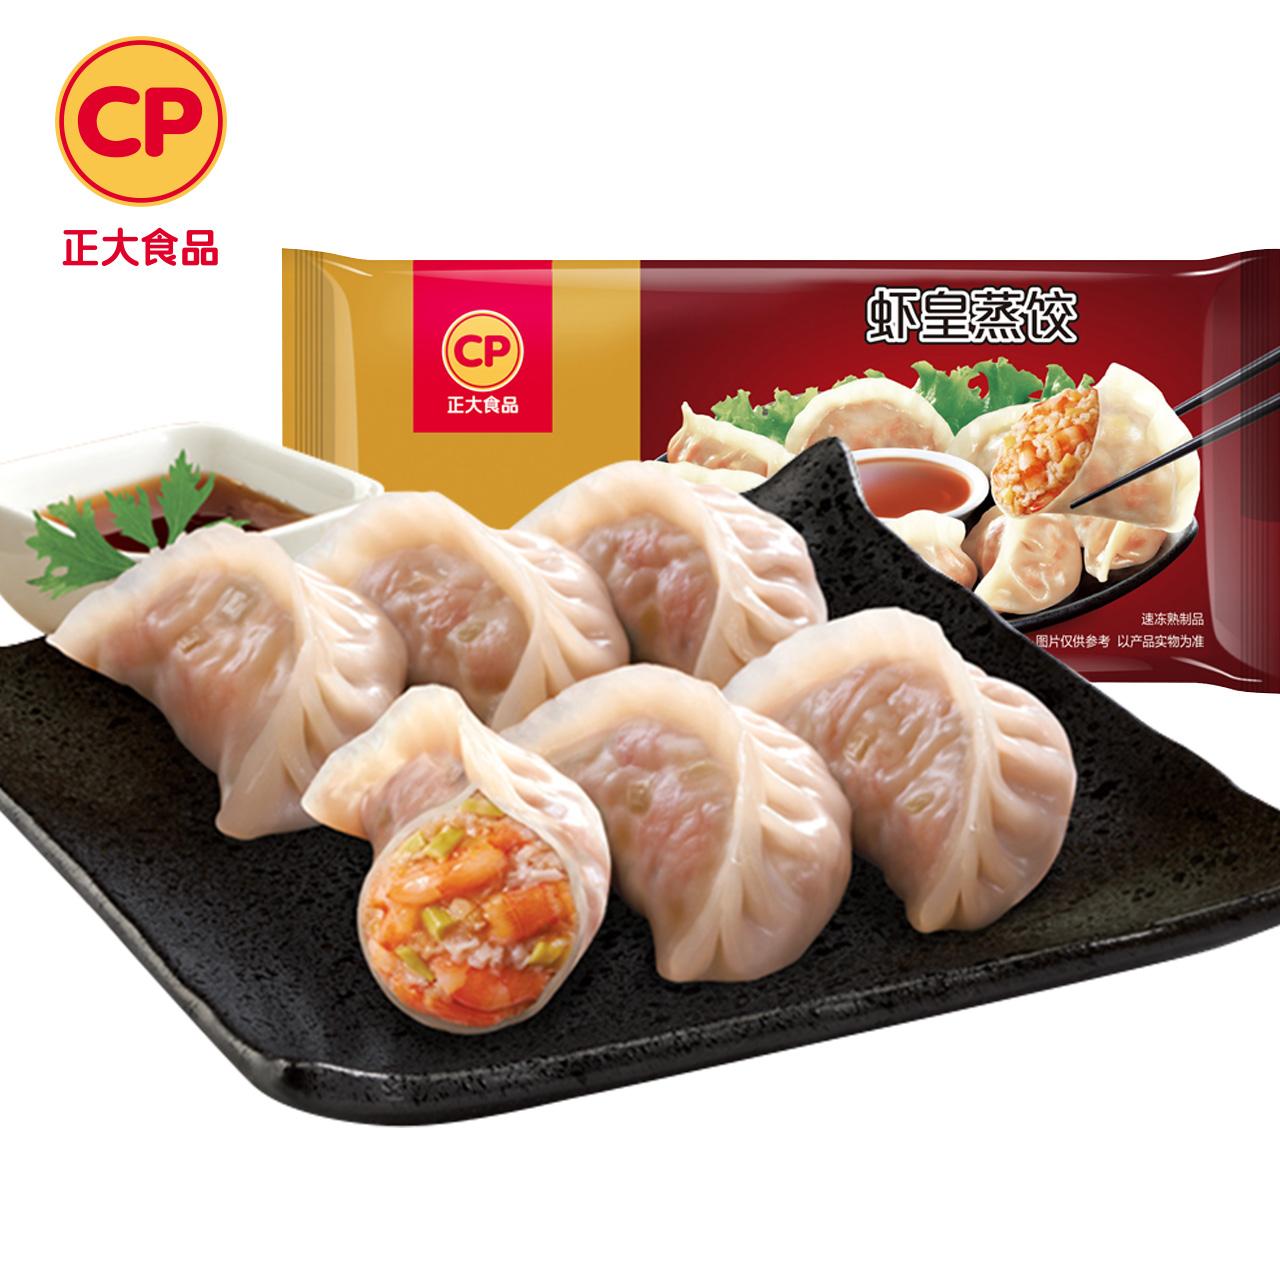 【正大食品】虾皇蒸饺400g/袋 微波即食早餐饺子煎饺